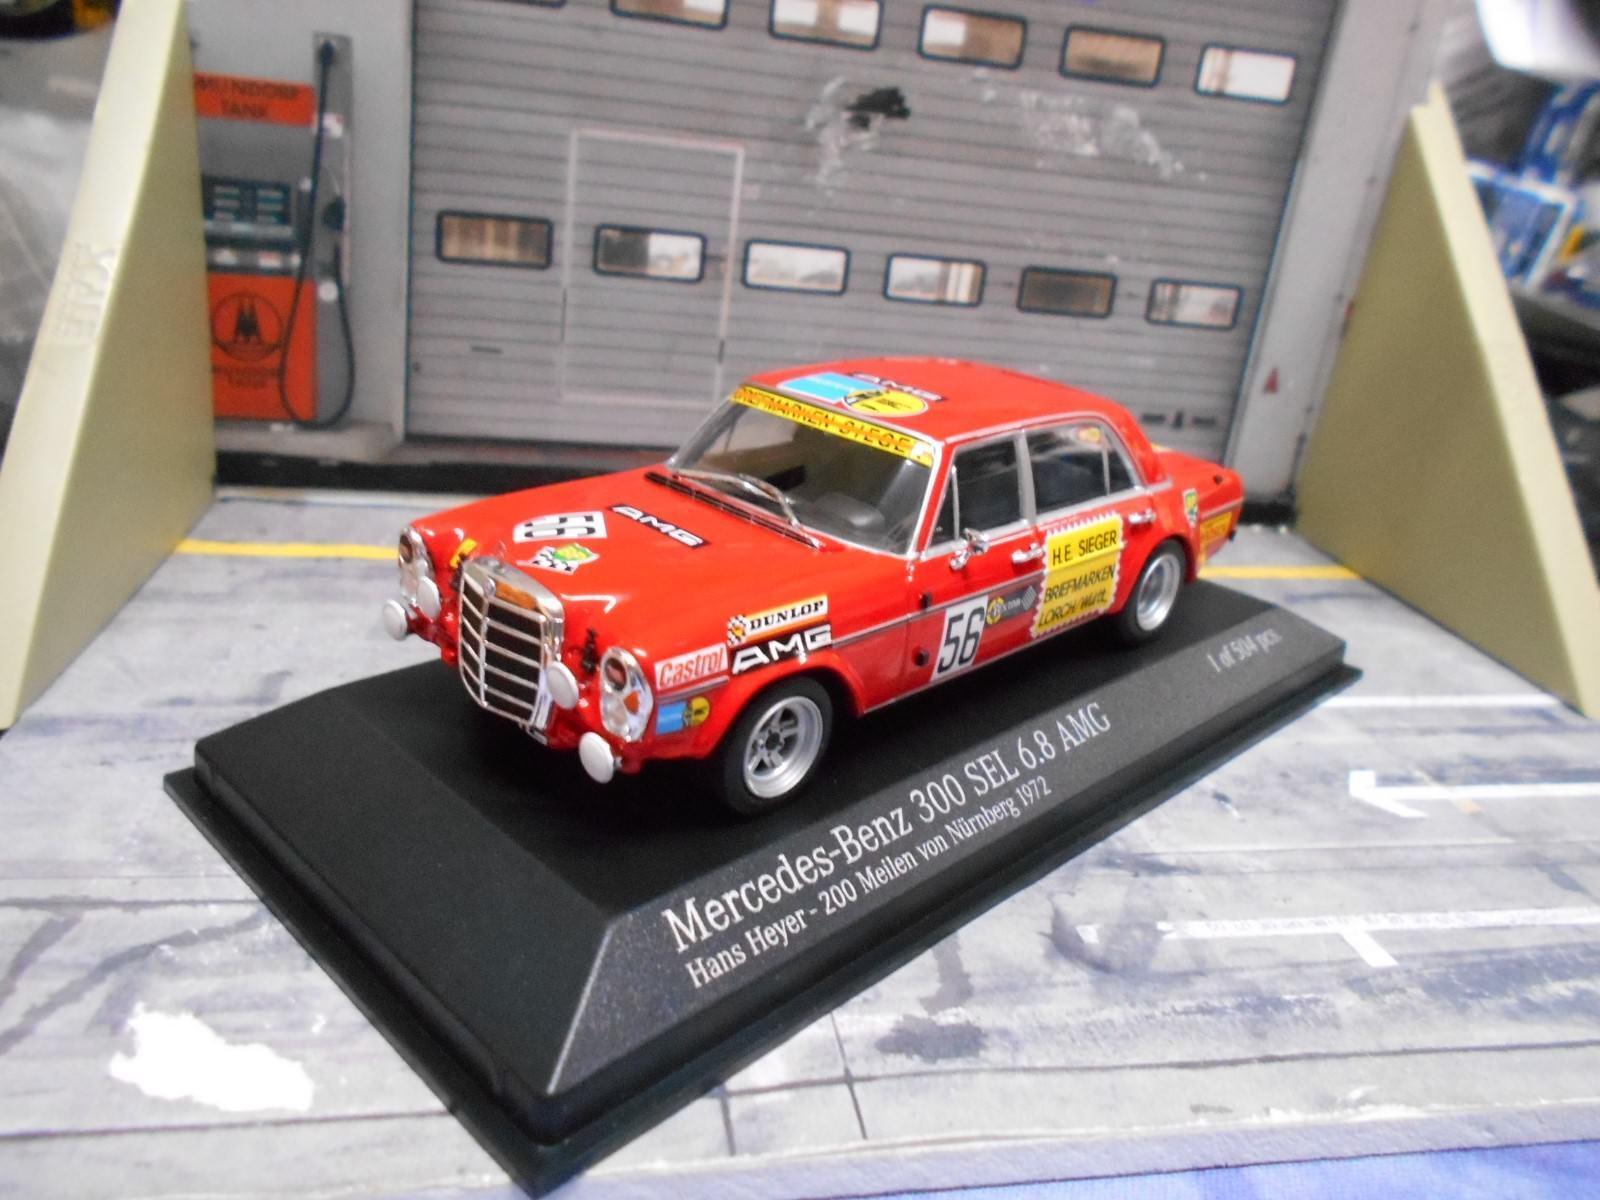 Mercedes Benz 300 SEL 6.8 AMG DRM Norisring 1972  56 Heyer MINICHAMPS 1 43